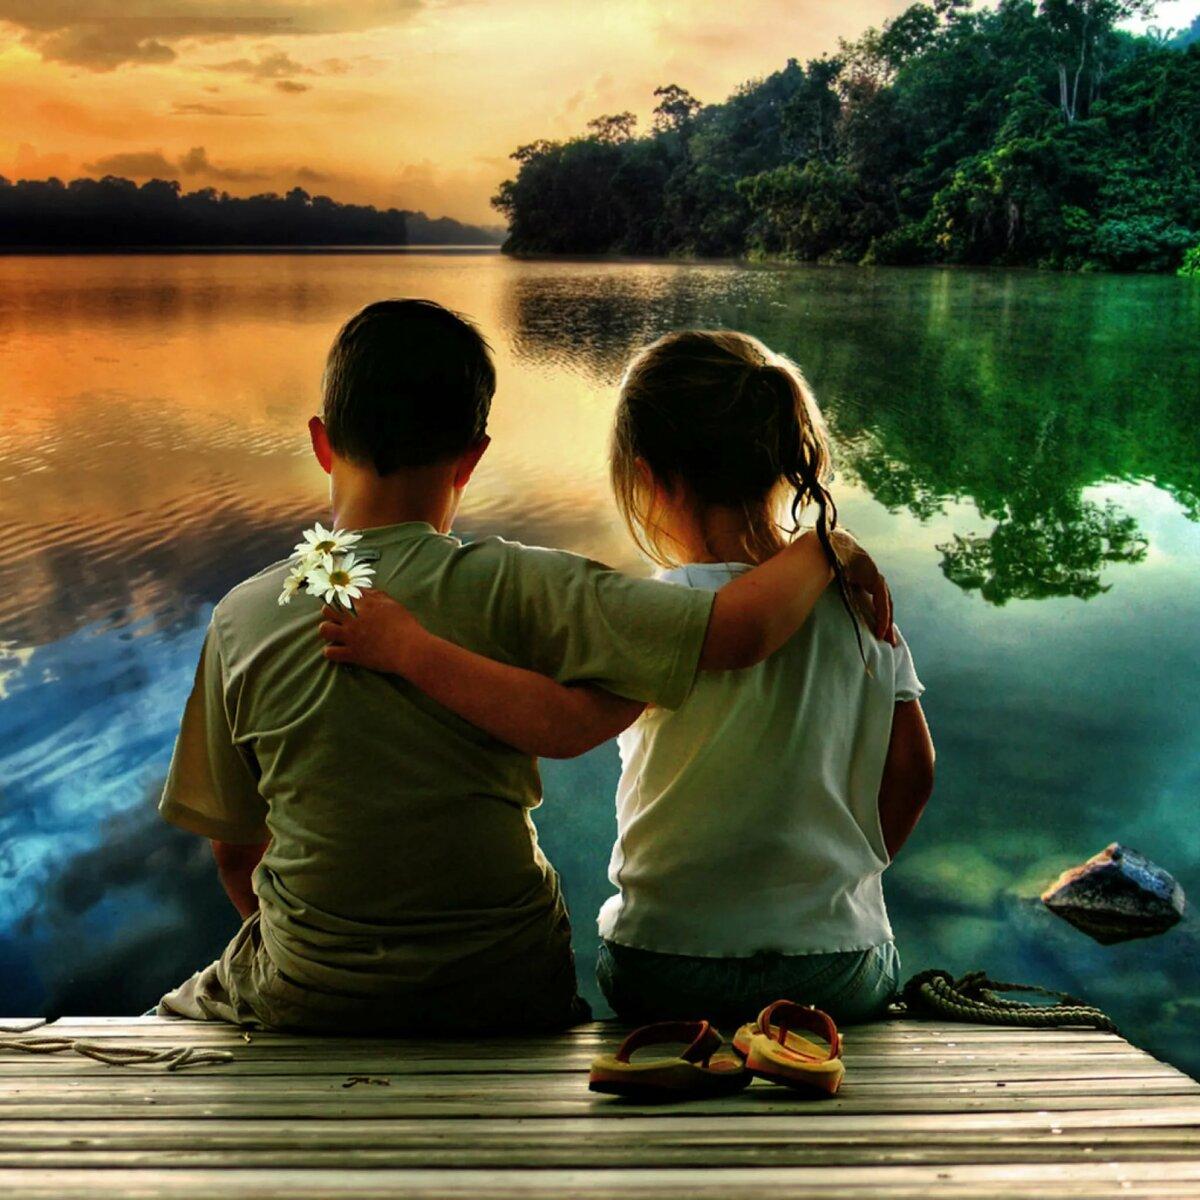 Классные картинки о любви, выздоравливайте поскорей коллеге